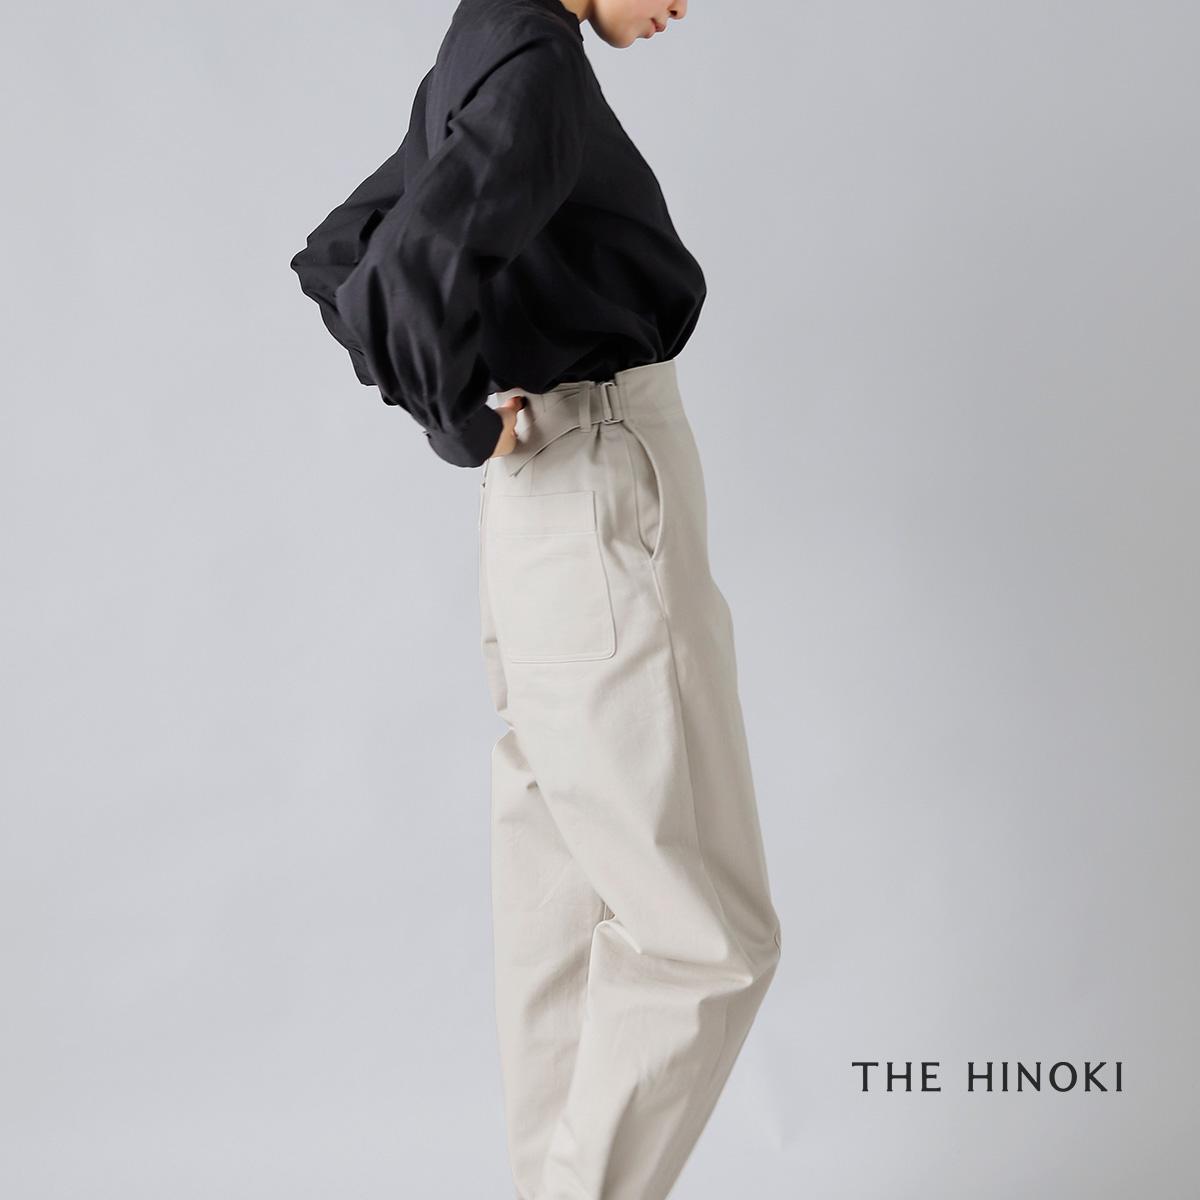 THE HINOKI(ザ ヒノキ)オーガニックコットンチノOSFAパンツ th21s-3